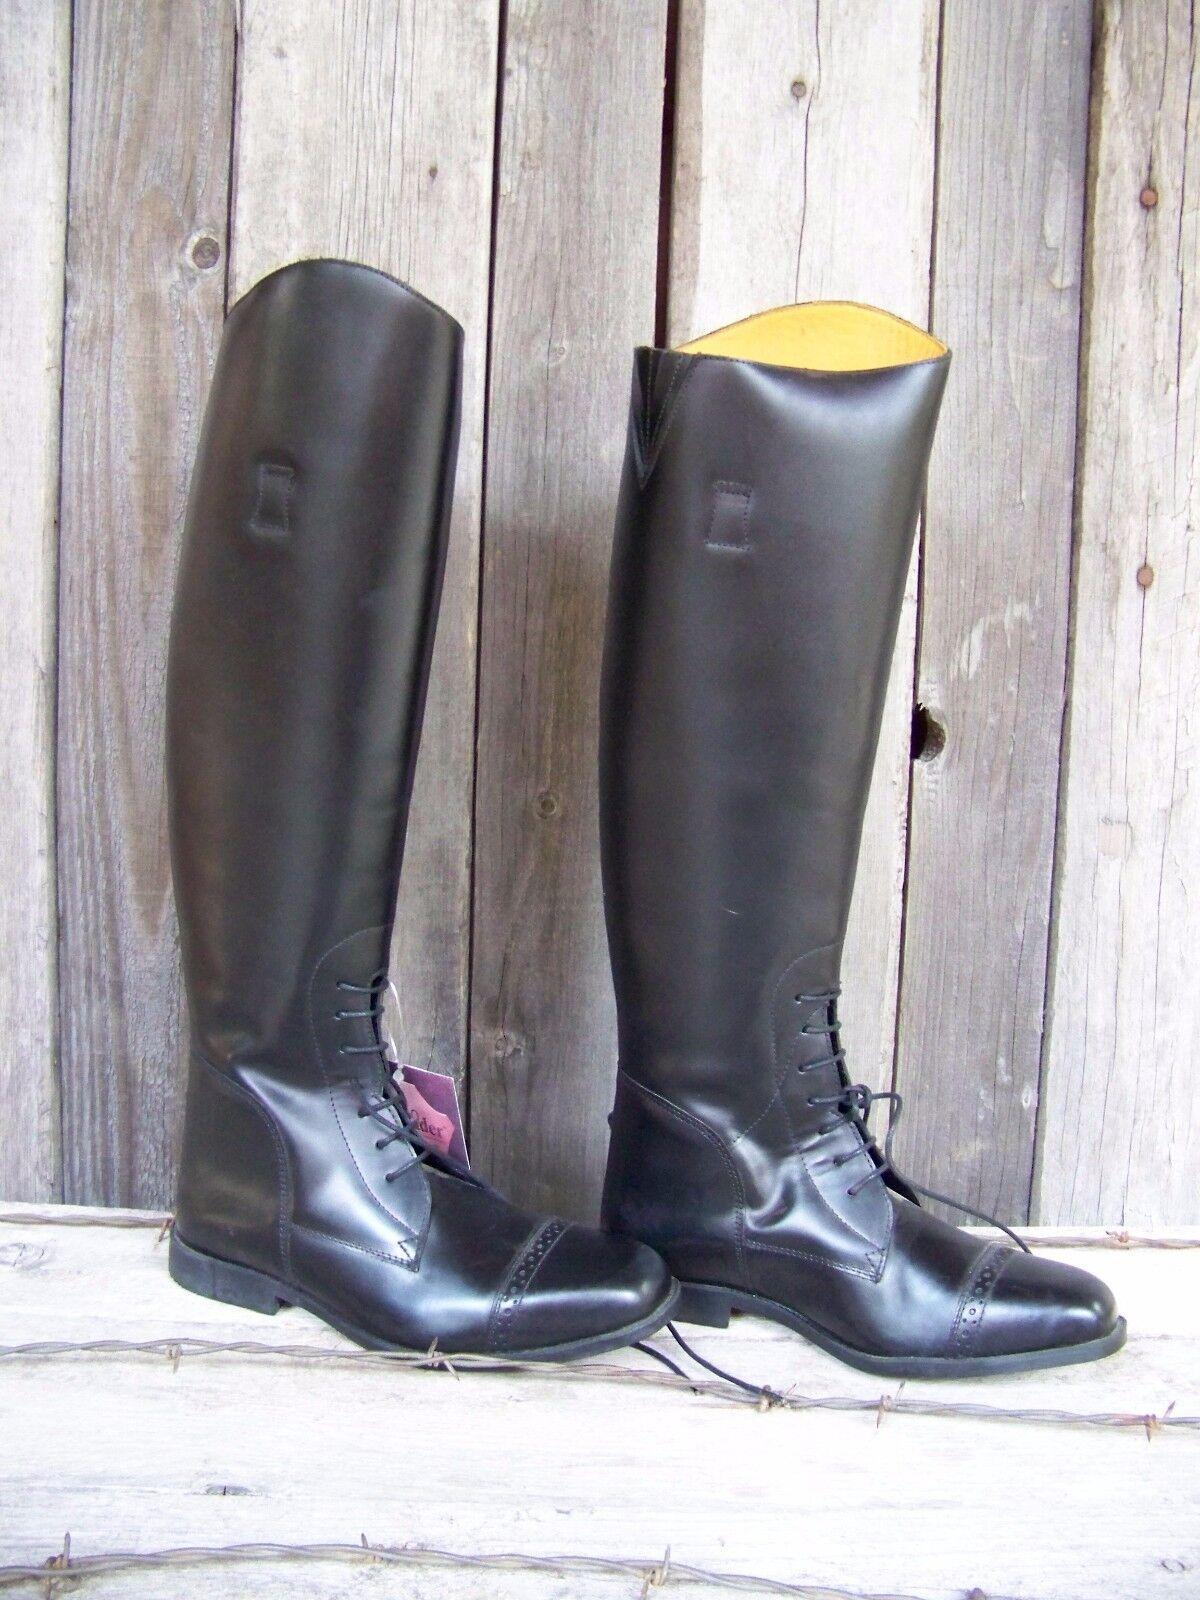 Feld Stiefel Damen - Tuffrider für Damen Stiefel (Größe 9.0W) 401d46